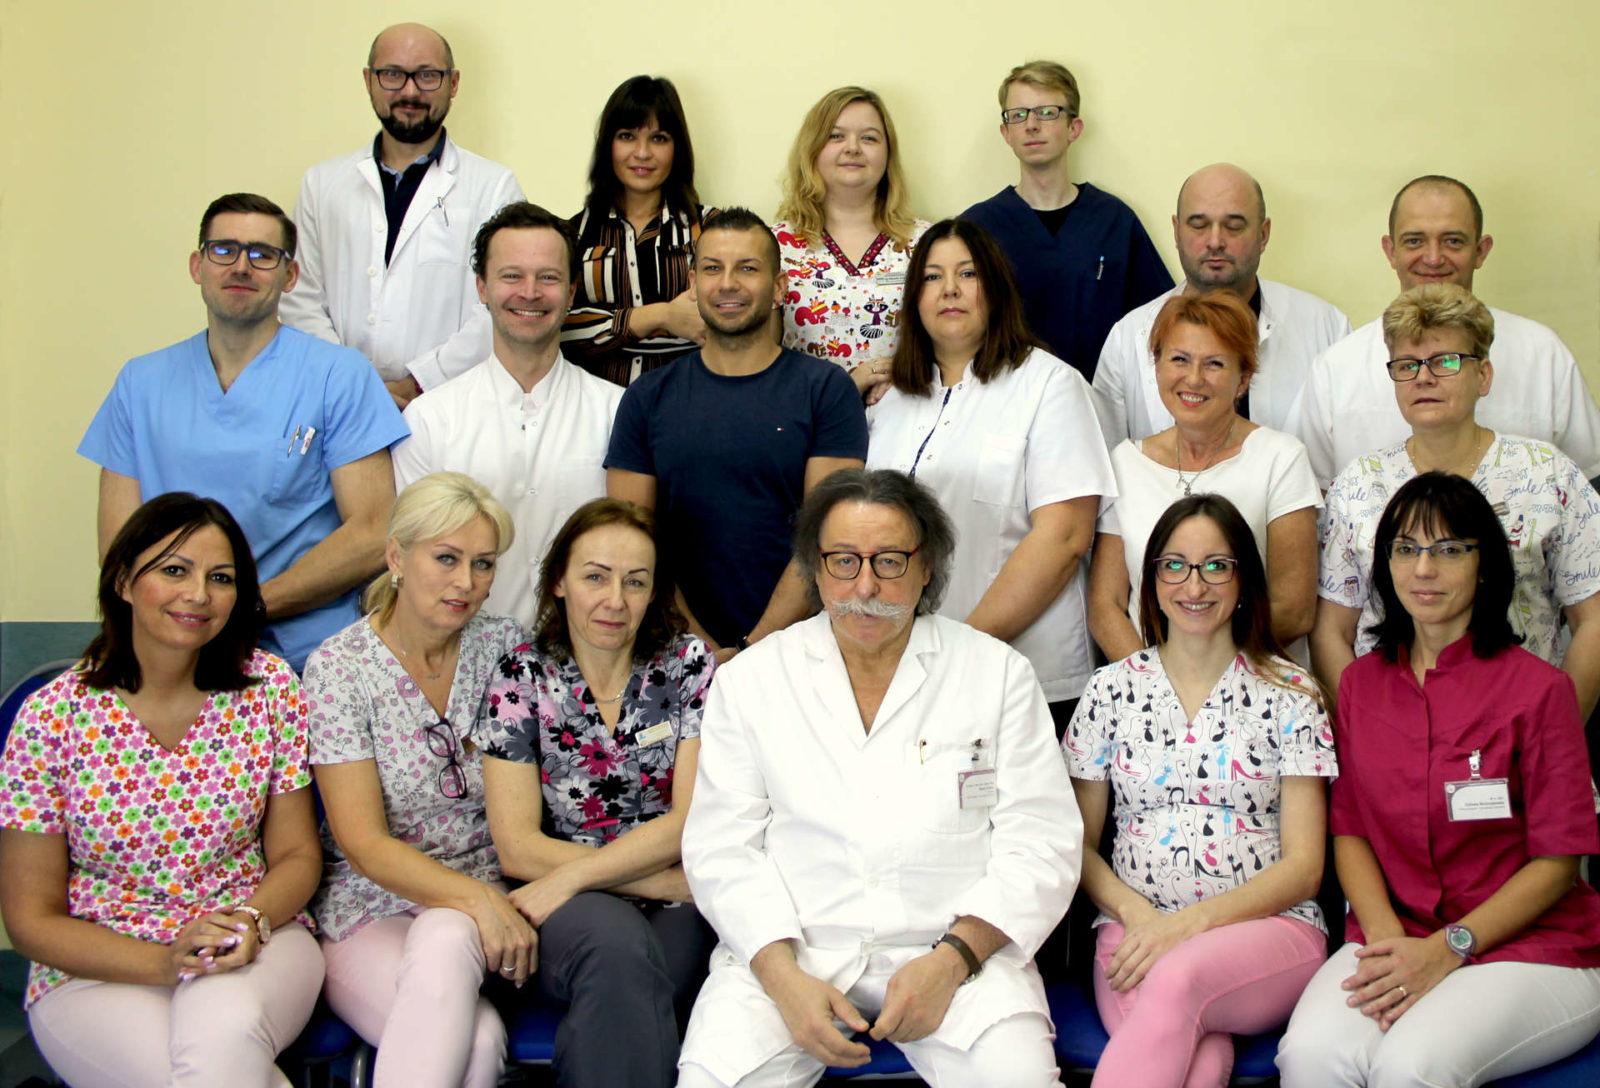 zespół lekarzy i pielęgniarek